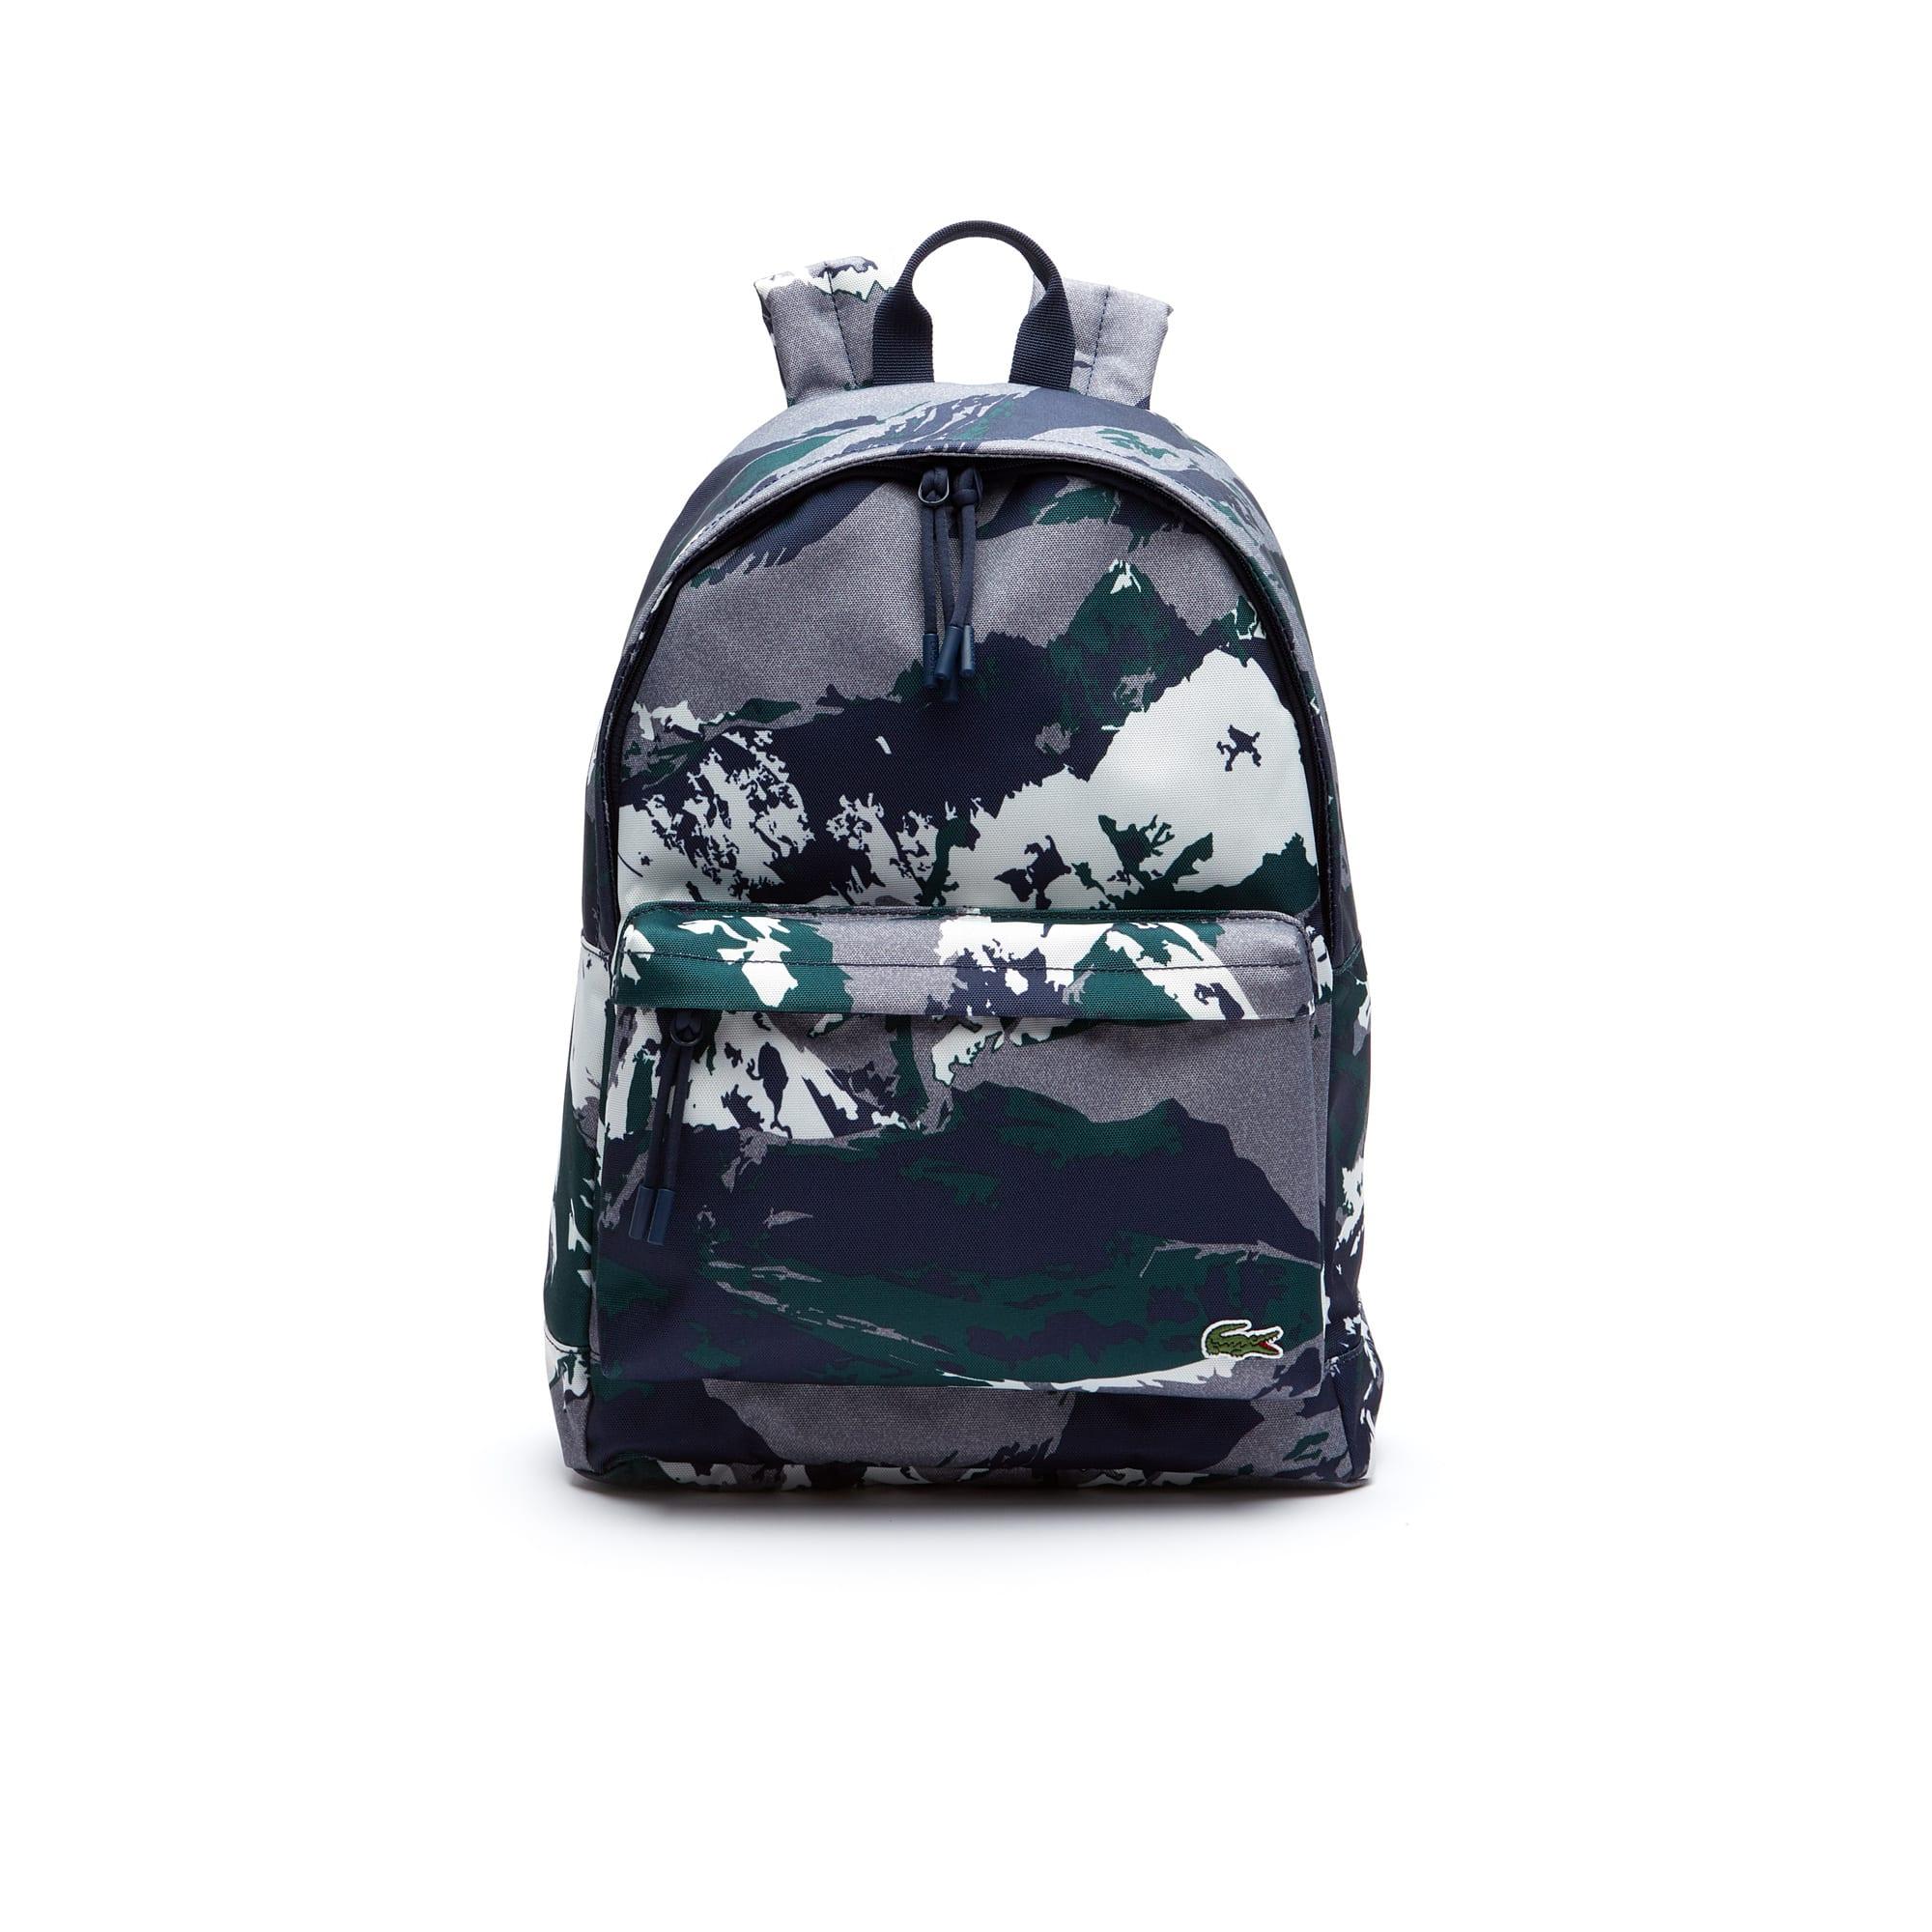 Herren NÉOCROC rucksack mit alpinem Print